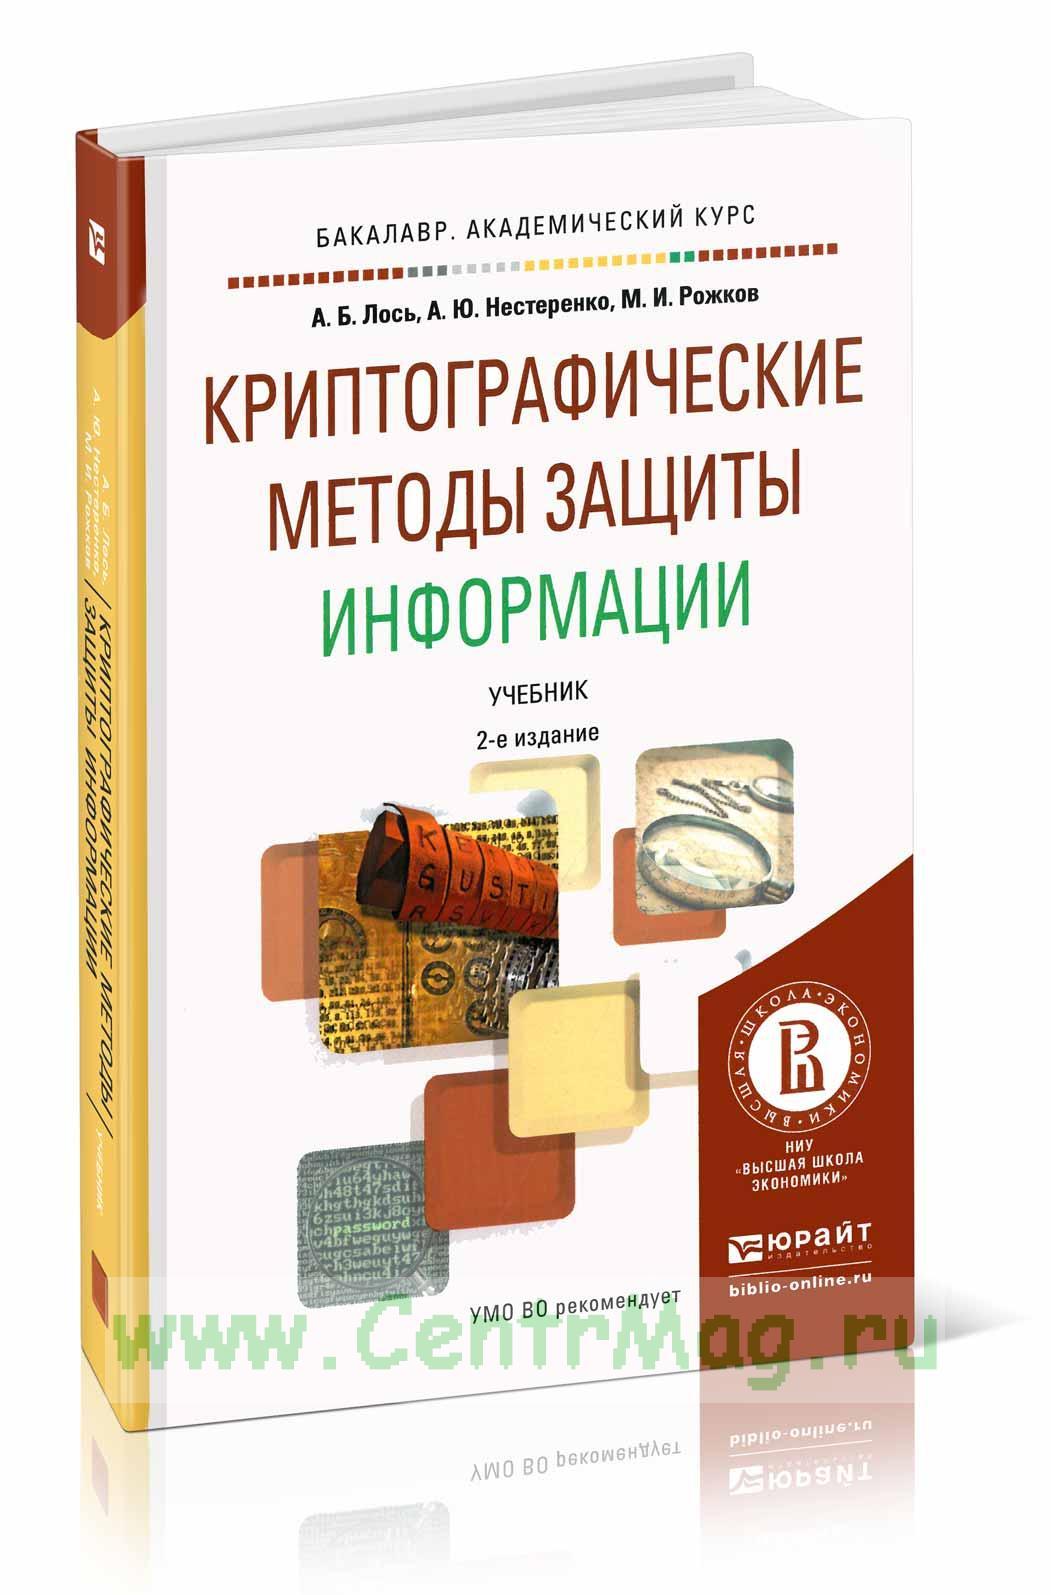 Криптографические методы защиты информации: учебник для академического бакалавриата (2-е издание, исправленное)